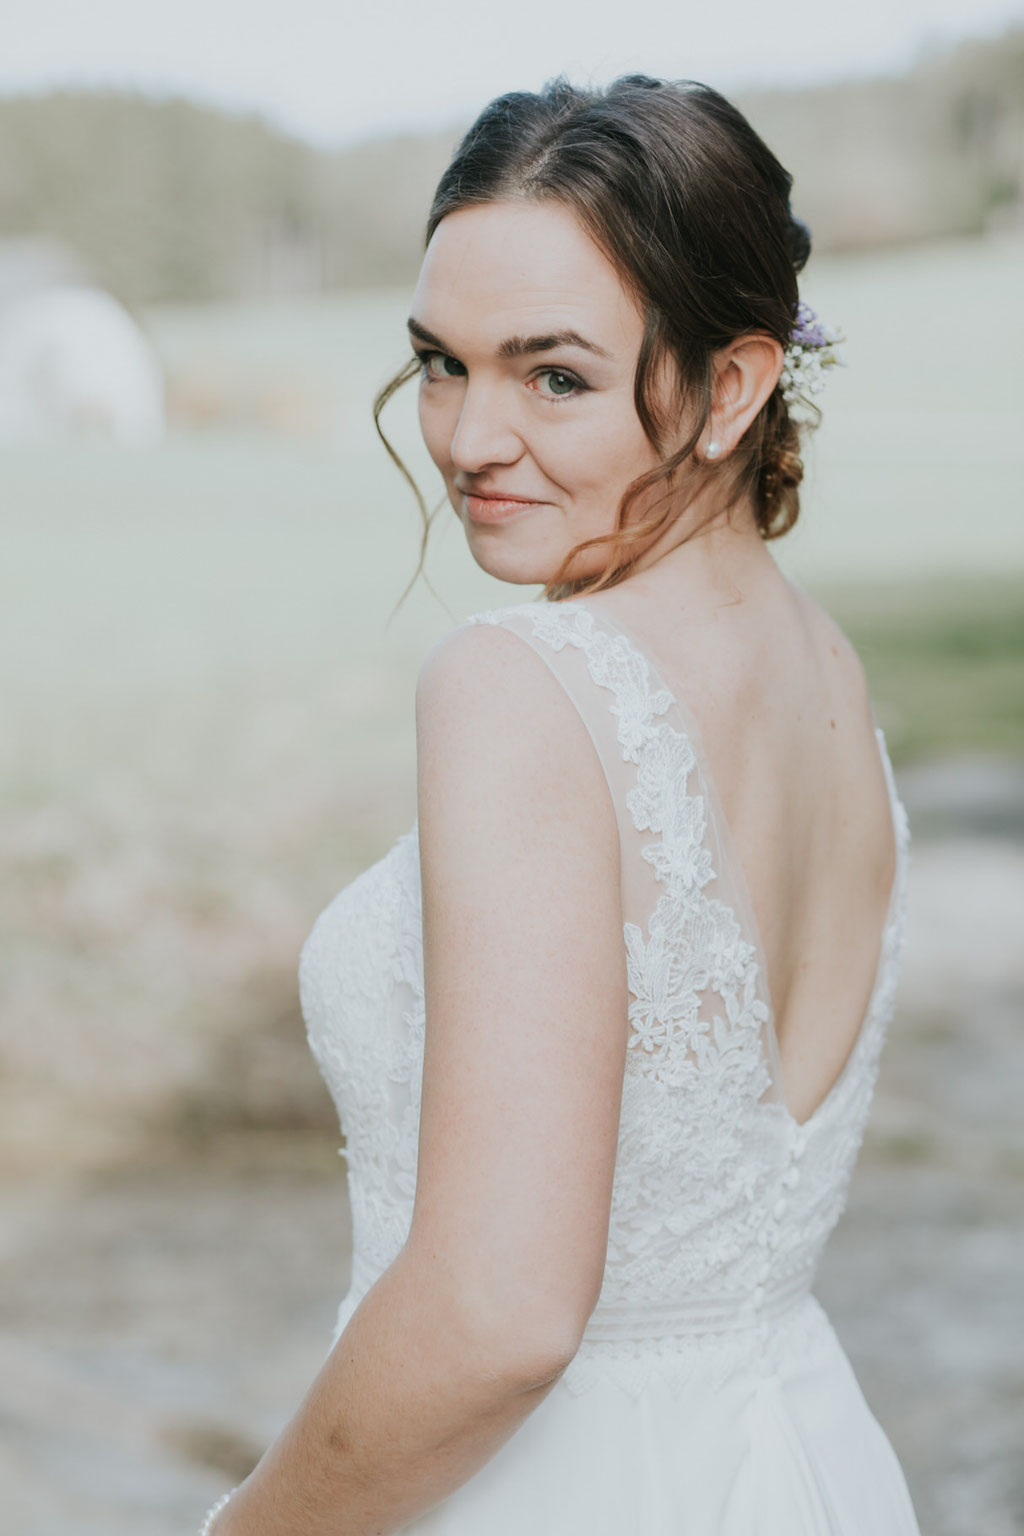 Brautportrait im Hochzeitskleid mit Rückenausschnitt